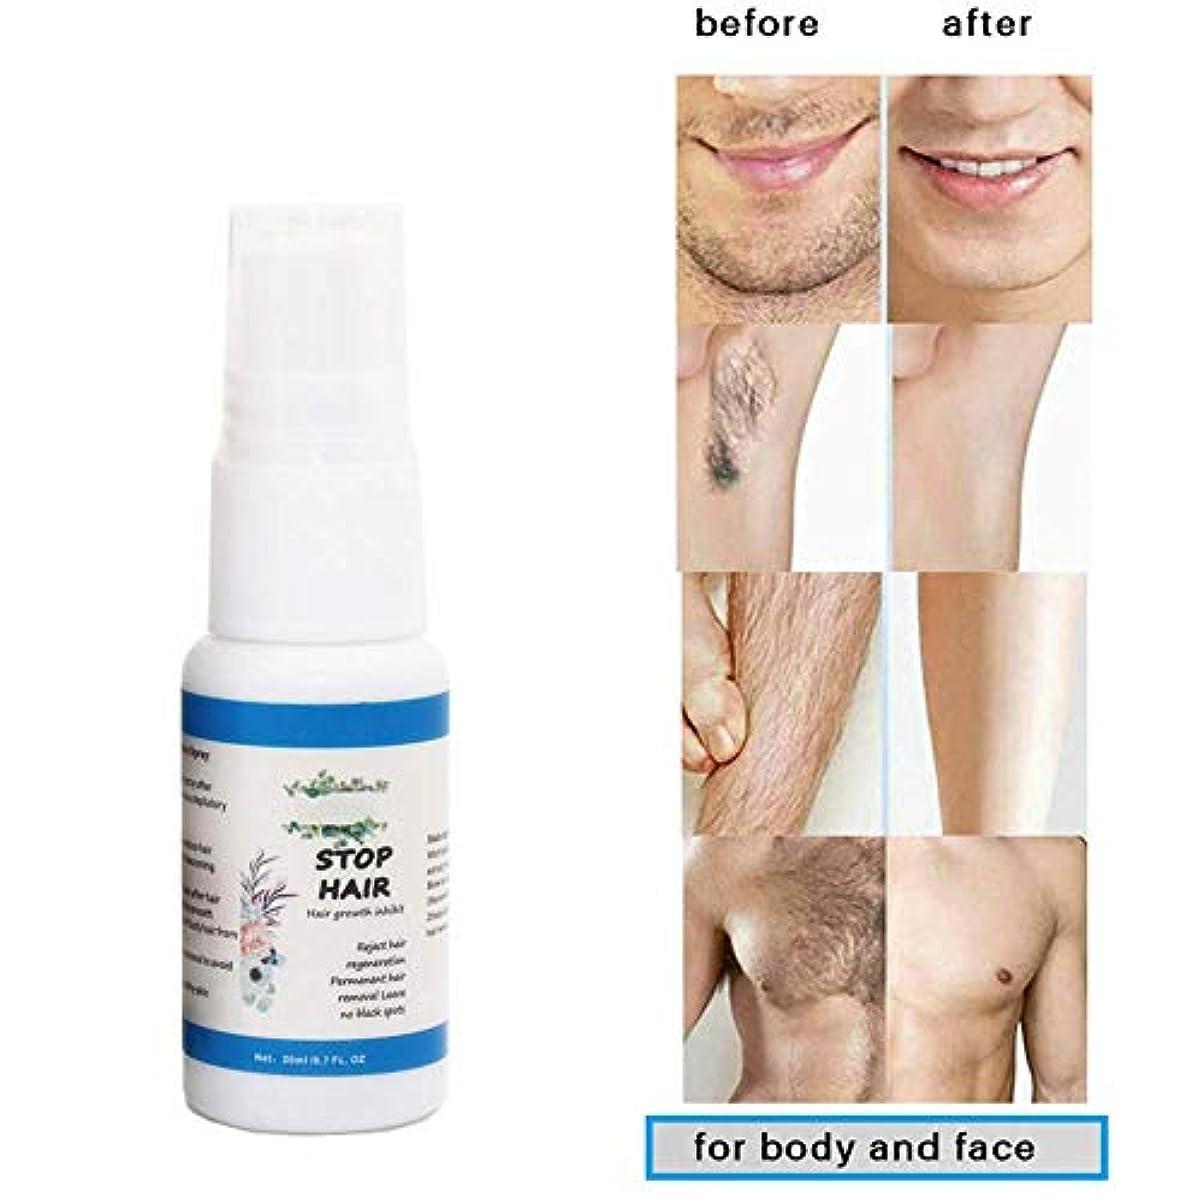 脱毛スプレー阻害剤発毛血清発毛除去を防ぎます修理脱毛剤製品ナチュラル非刺激栄養毛穴シュリンク20ml